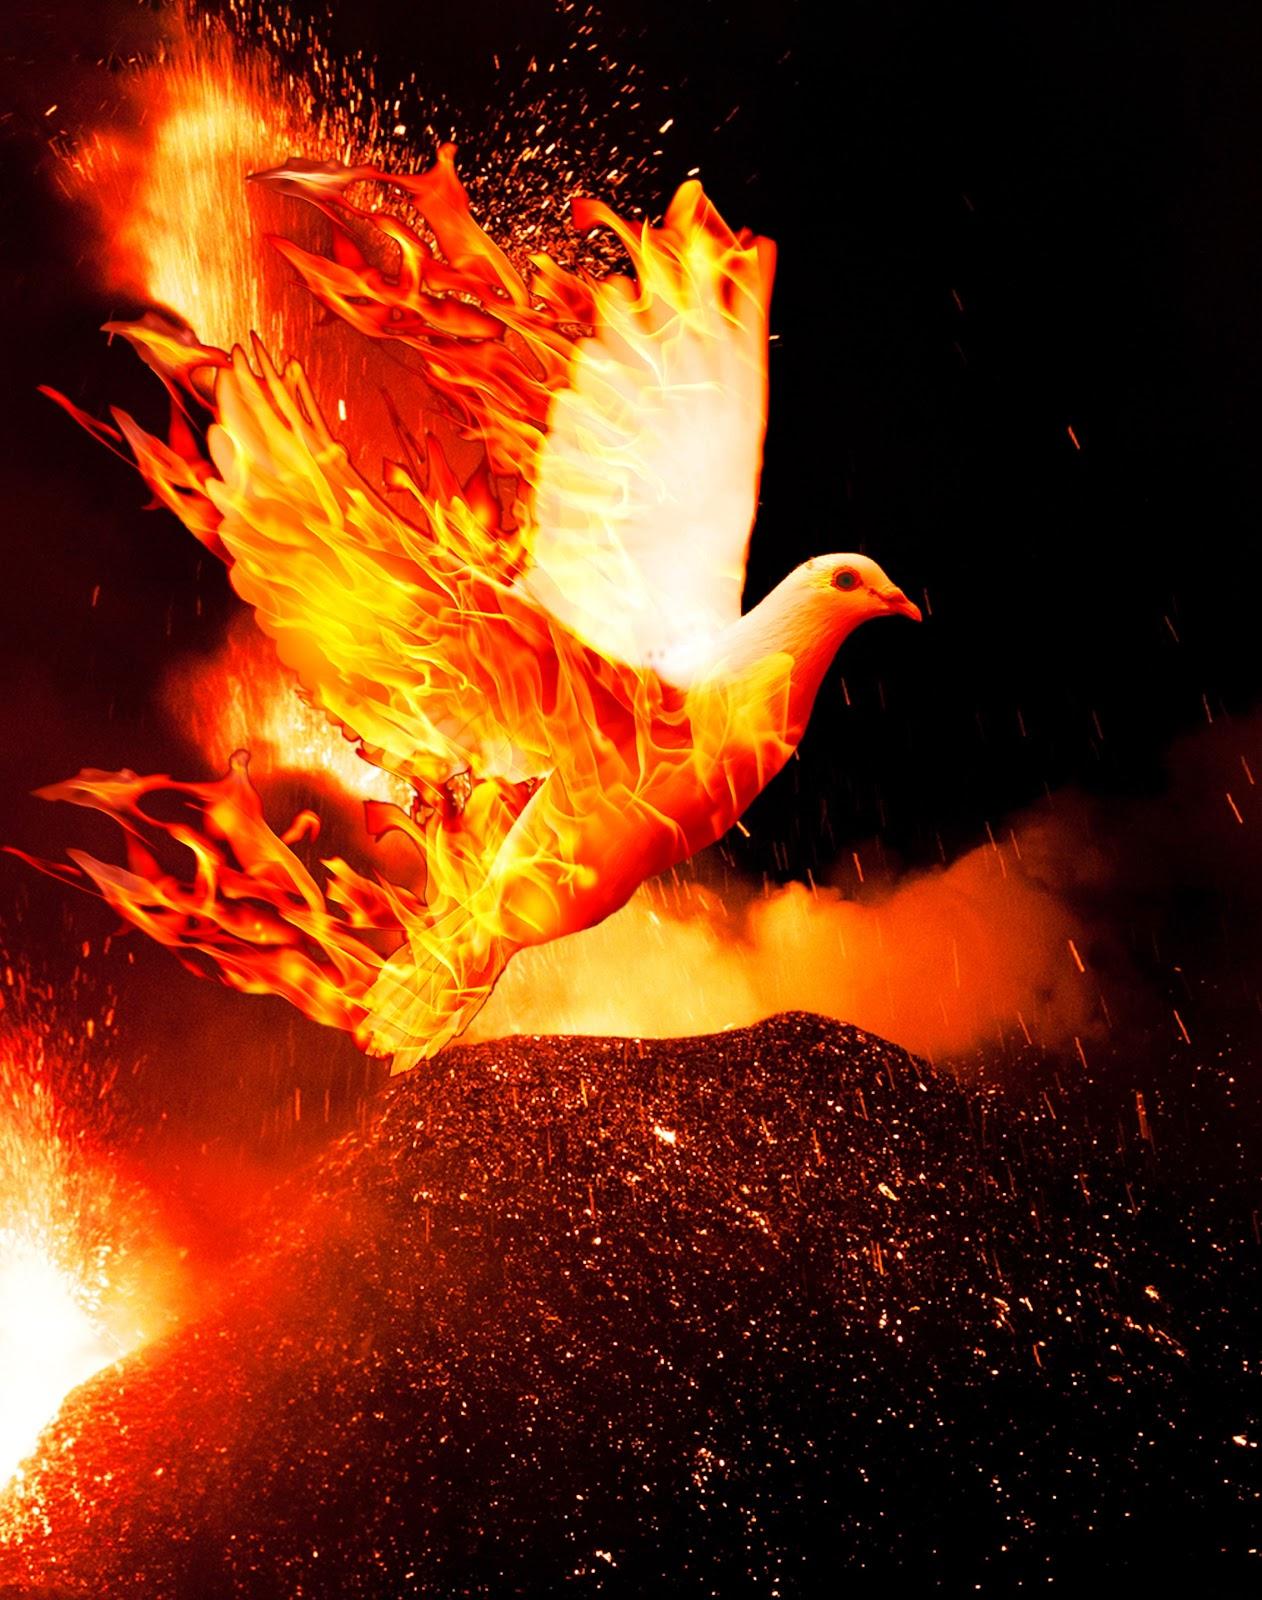 pentecost bird.jpg